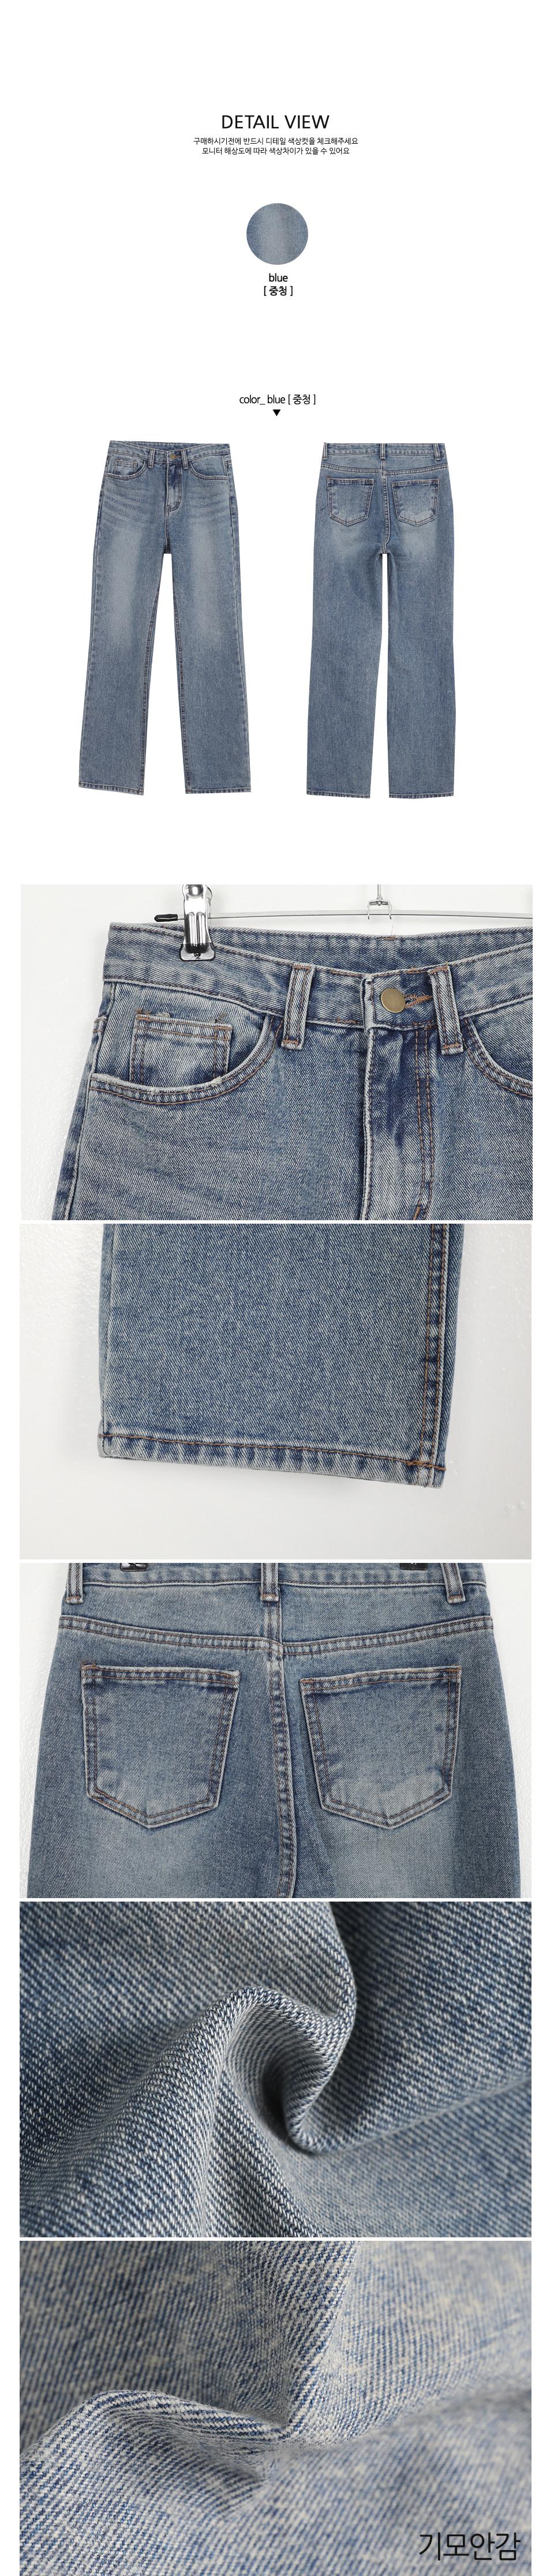 水洗磨白內刷毛直筒牛仔褲